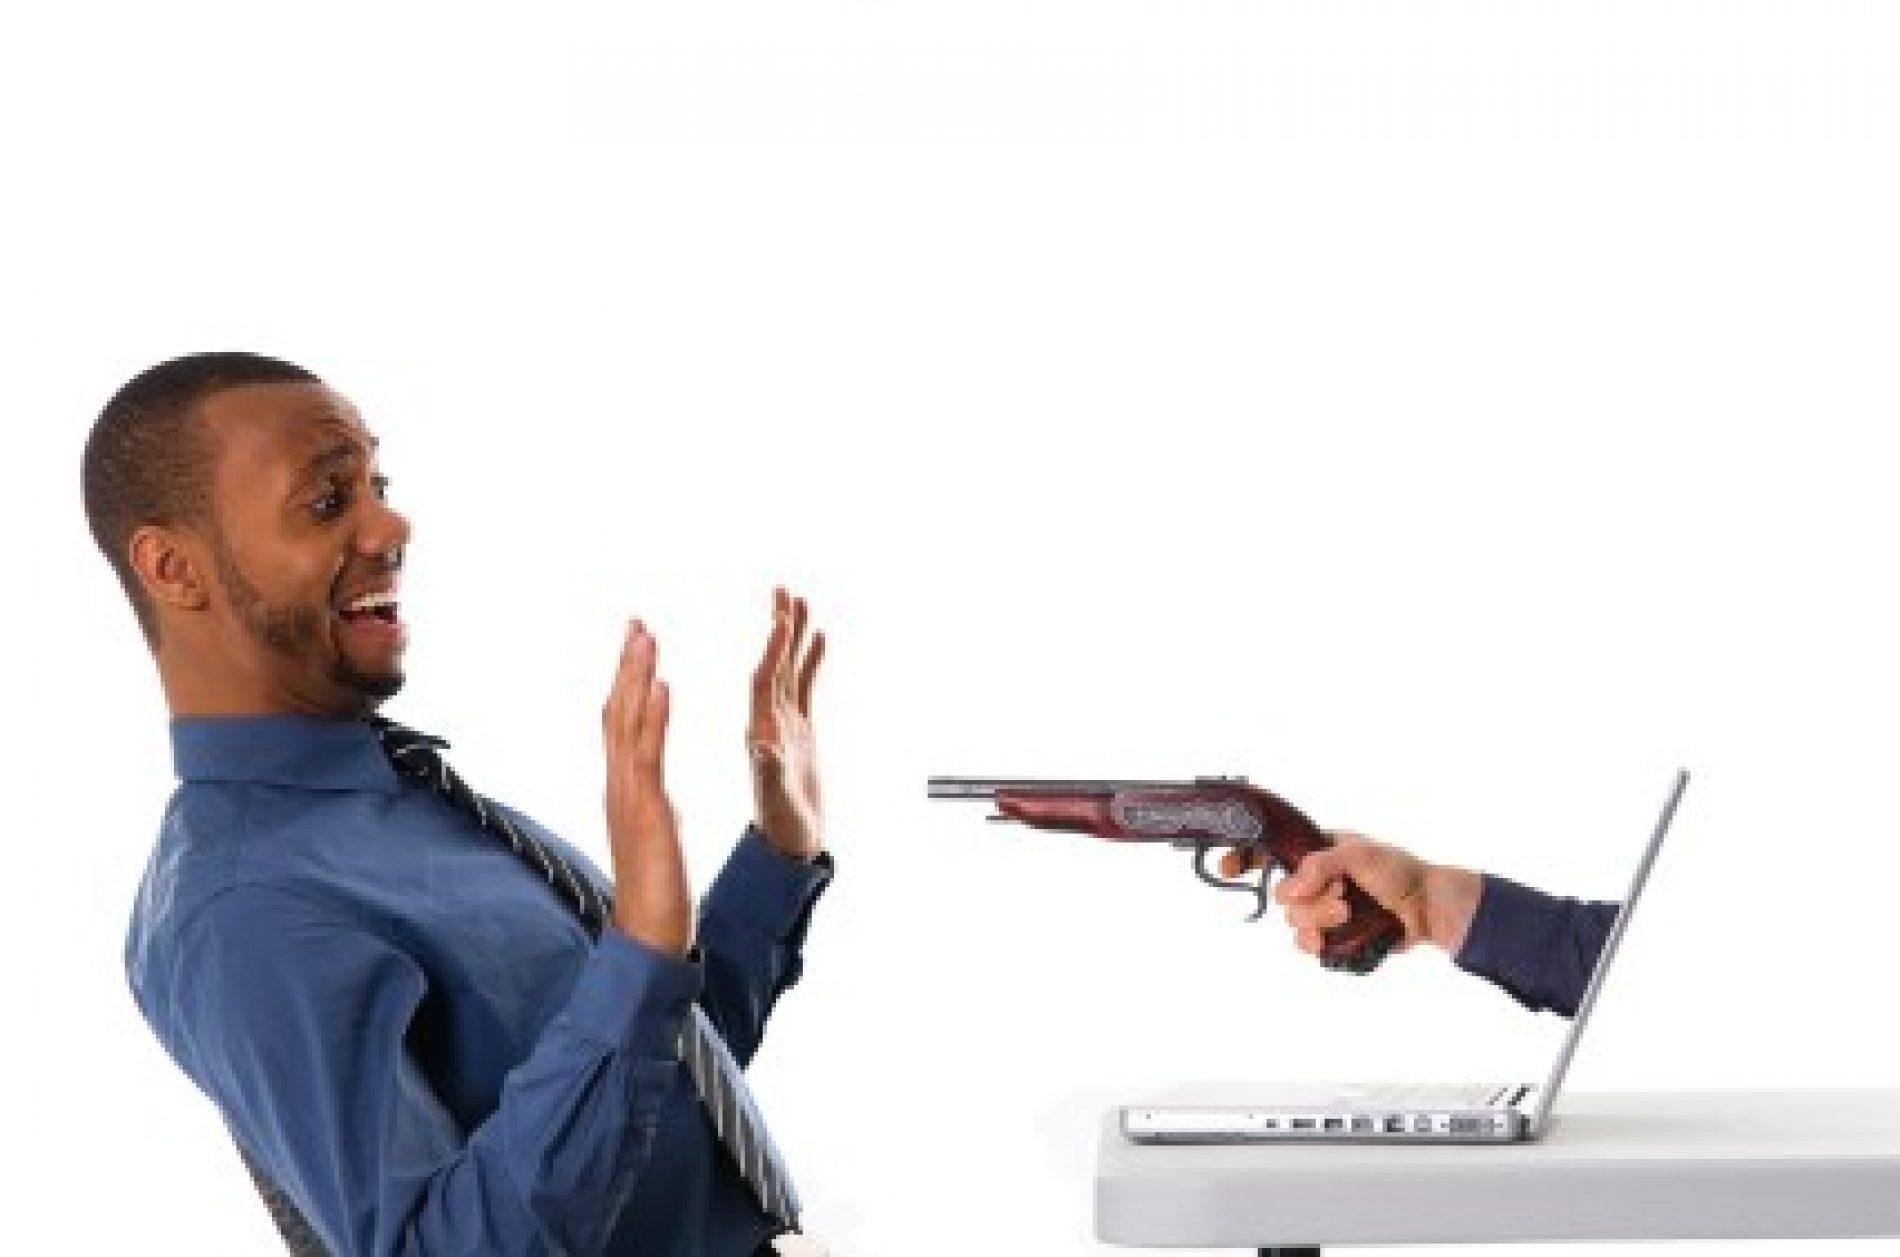 Ao efetuar compra pela internet, mulher é vítima de estelionato